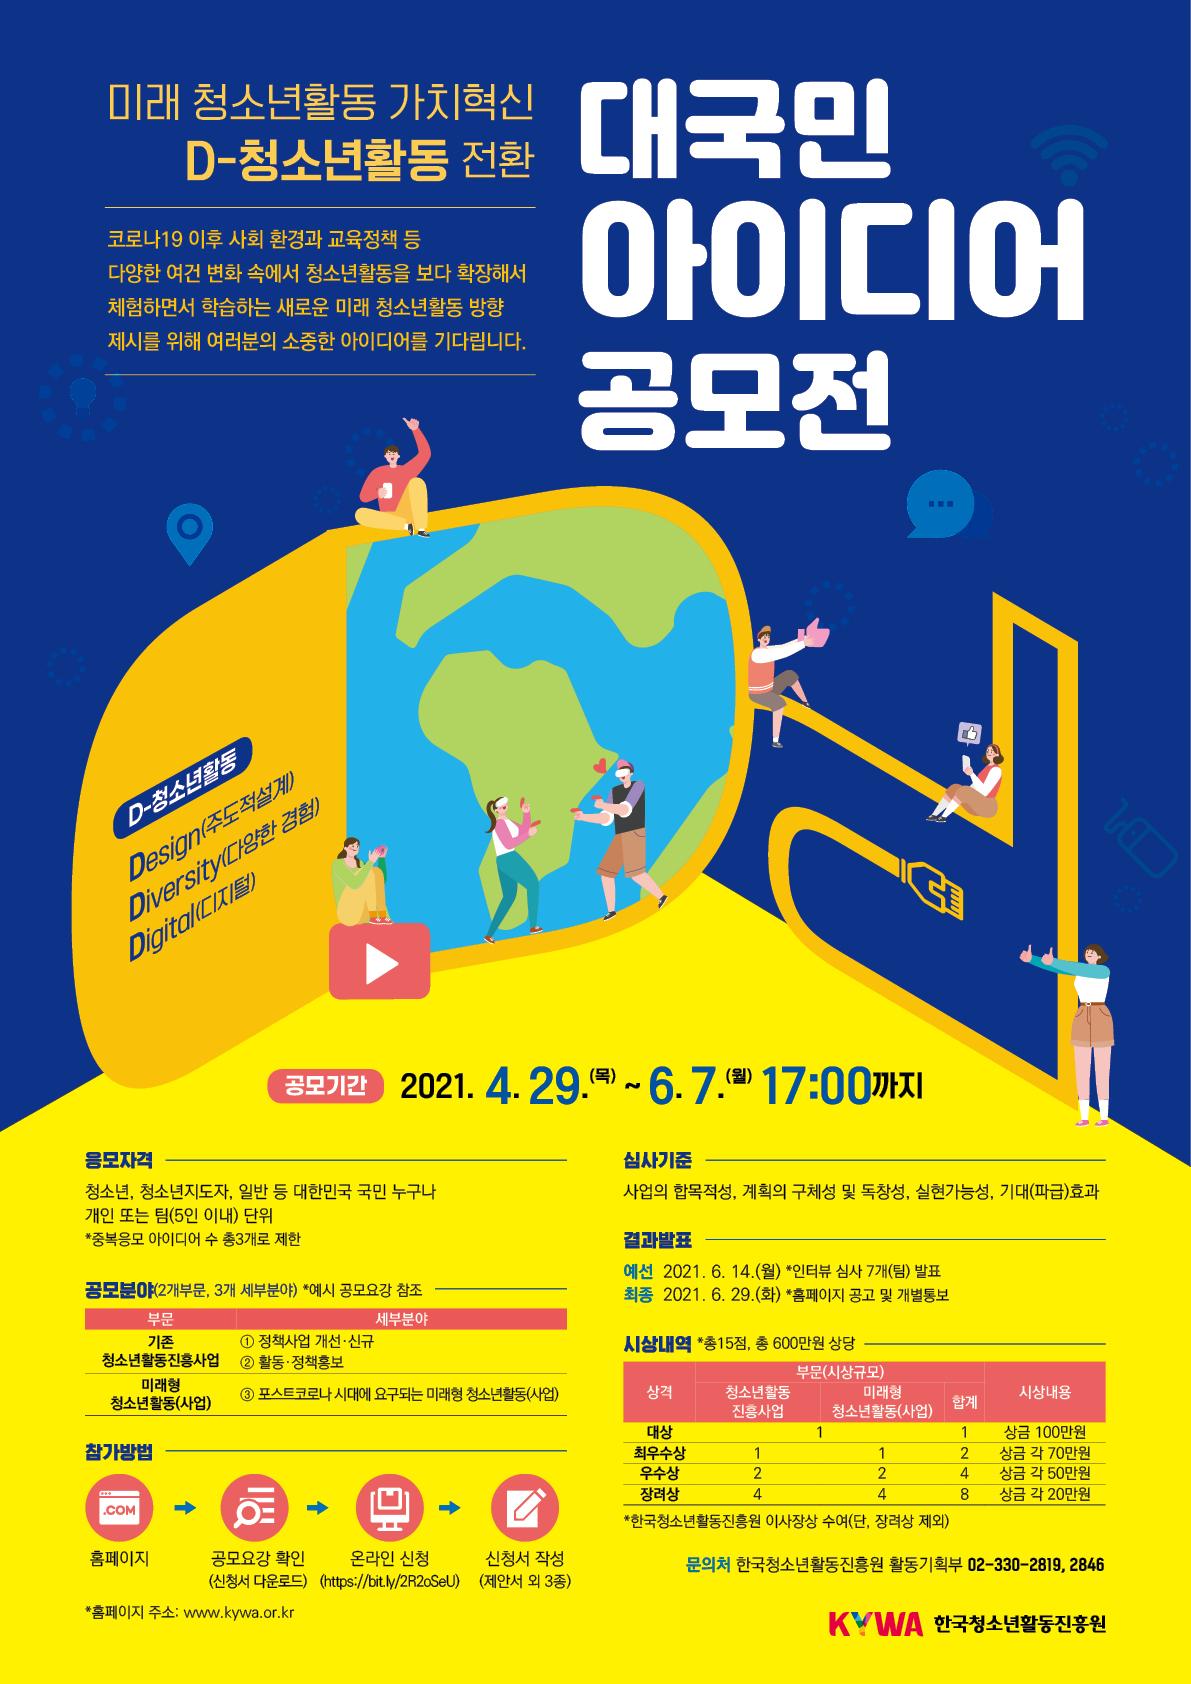 미래 청소년활동 가치혁신 D-청소년활동 전환. 대국민 아이디어 공모전 포스터